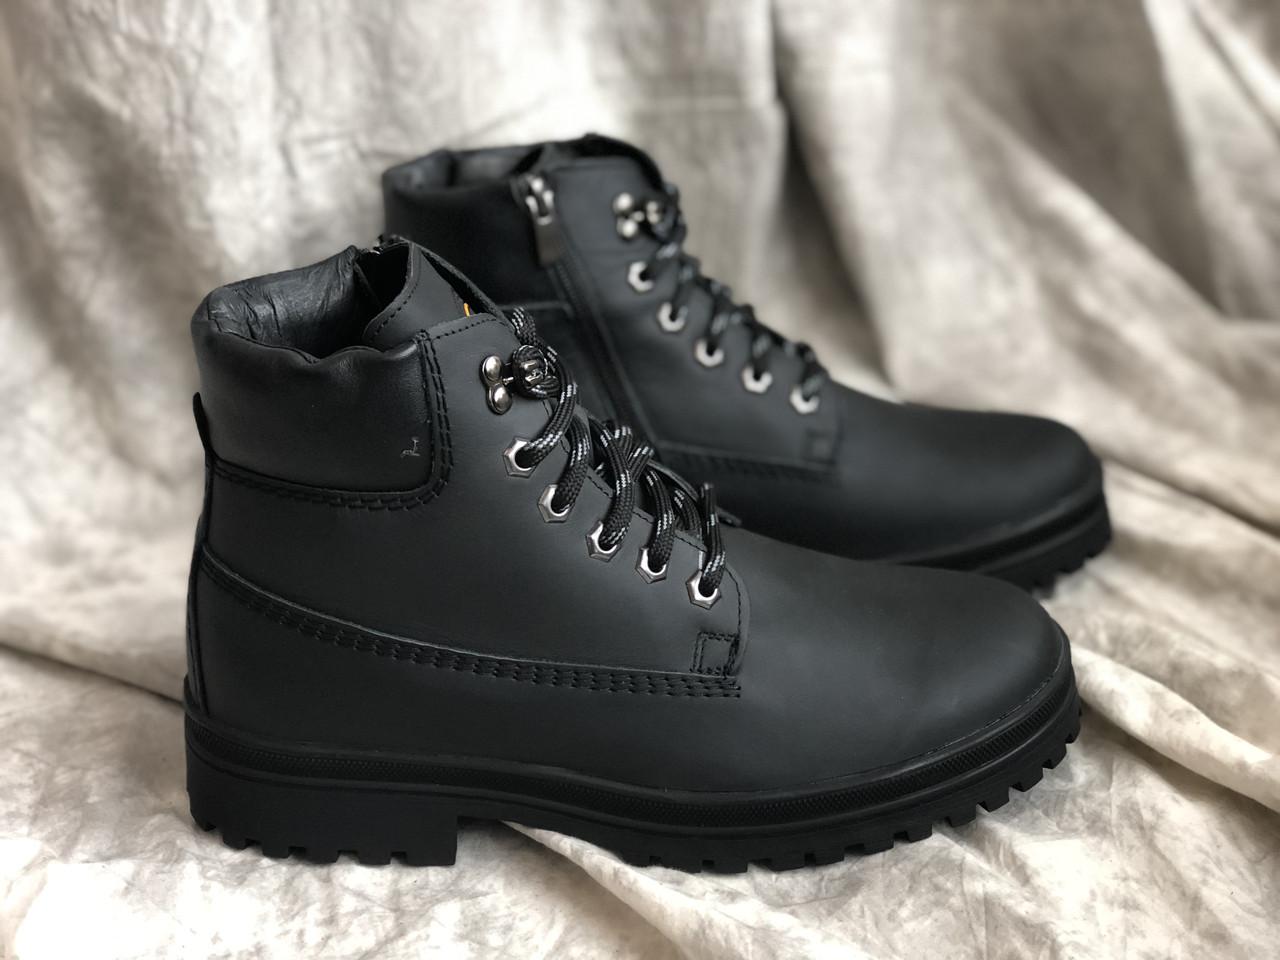 Зимние ботинки мужские Mida натуральная кожа 14827 ч/к размеры 40-45